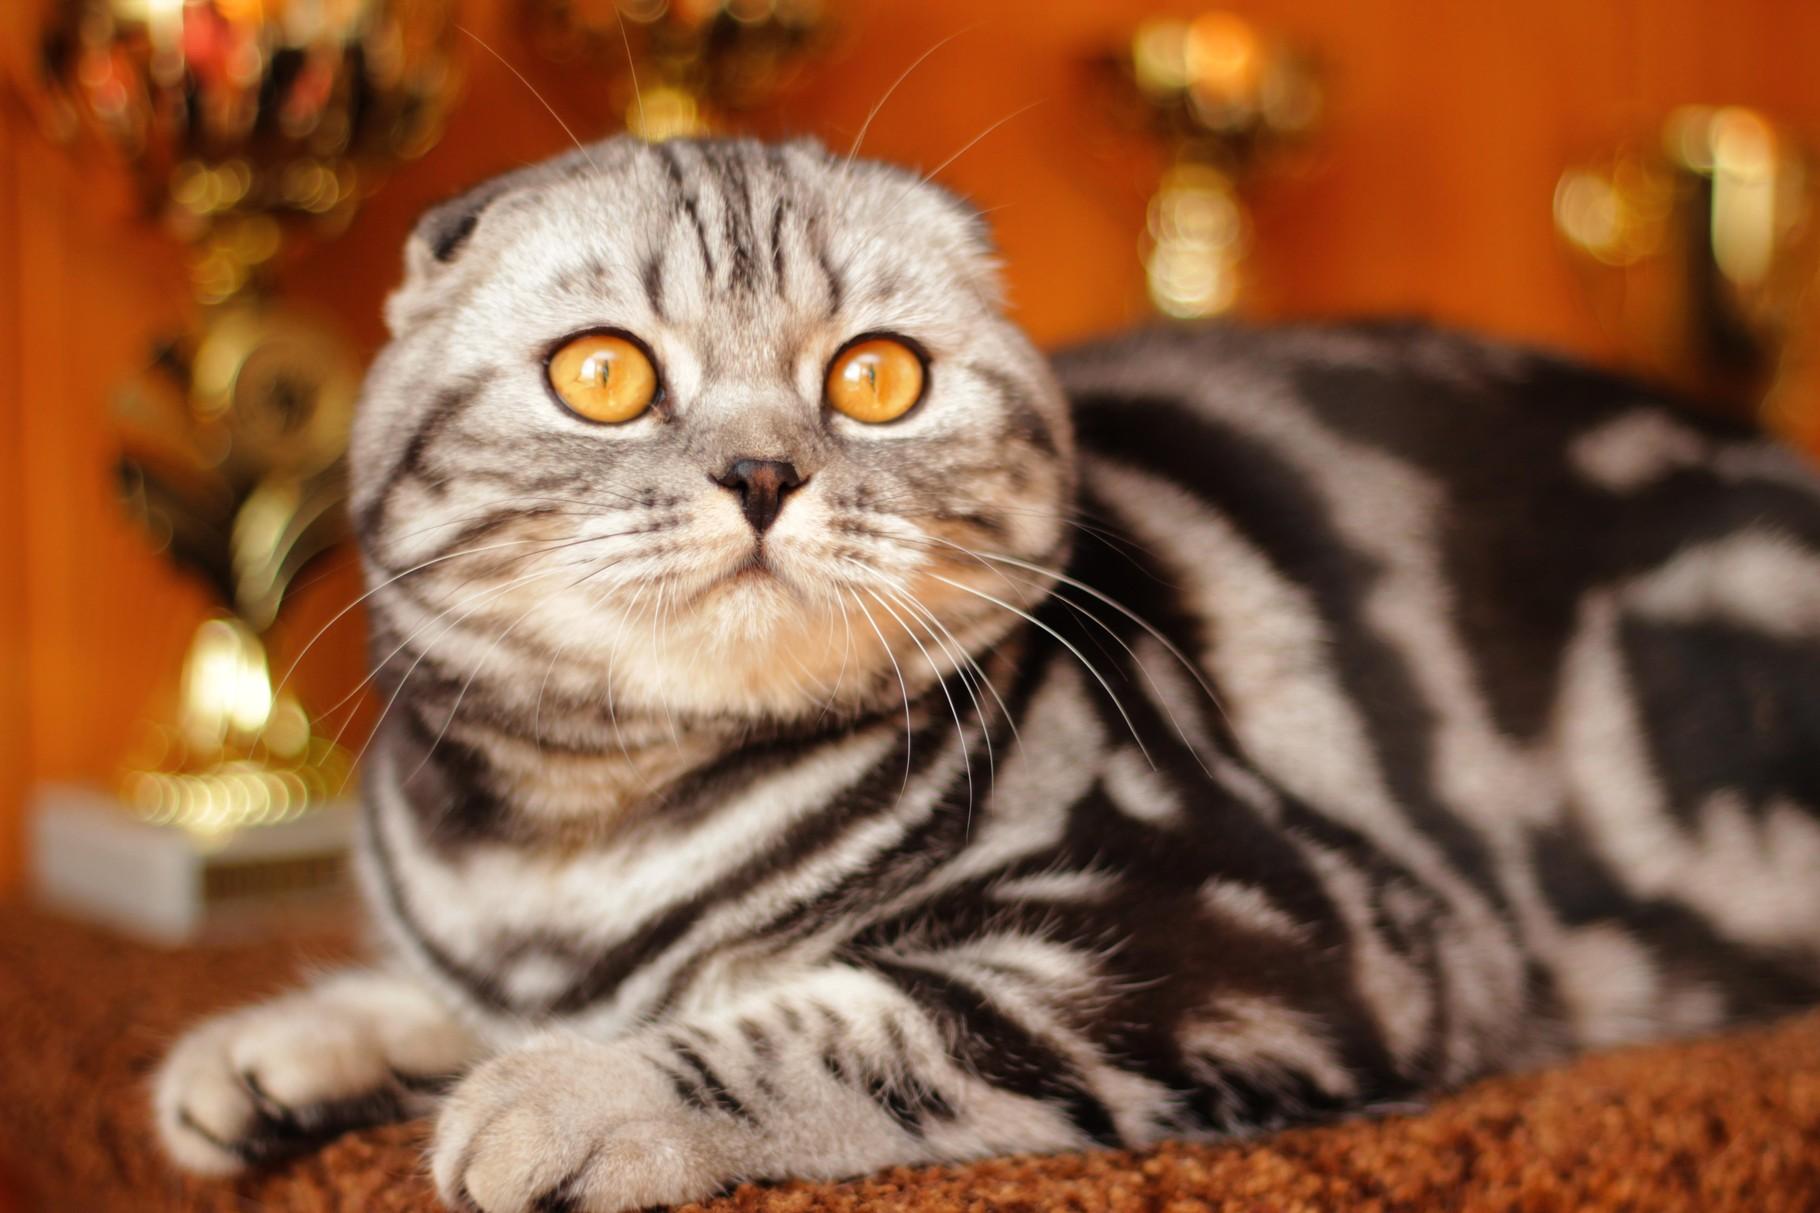 конца понимаю, восхитительные вислоухие коты фото нашем интернет-магазине